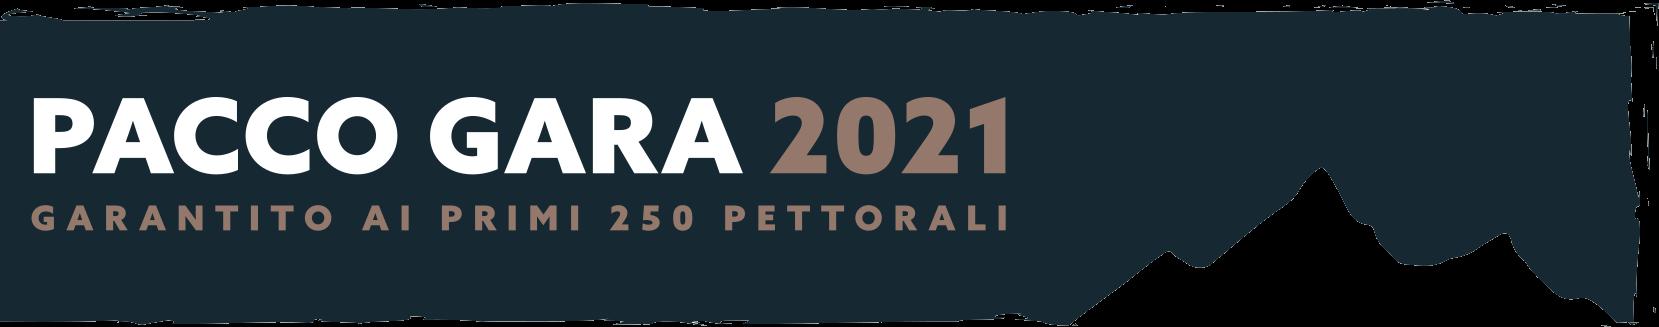 paccogara 2021 titolo